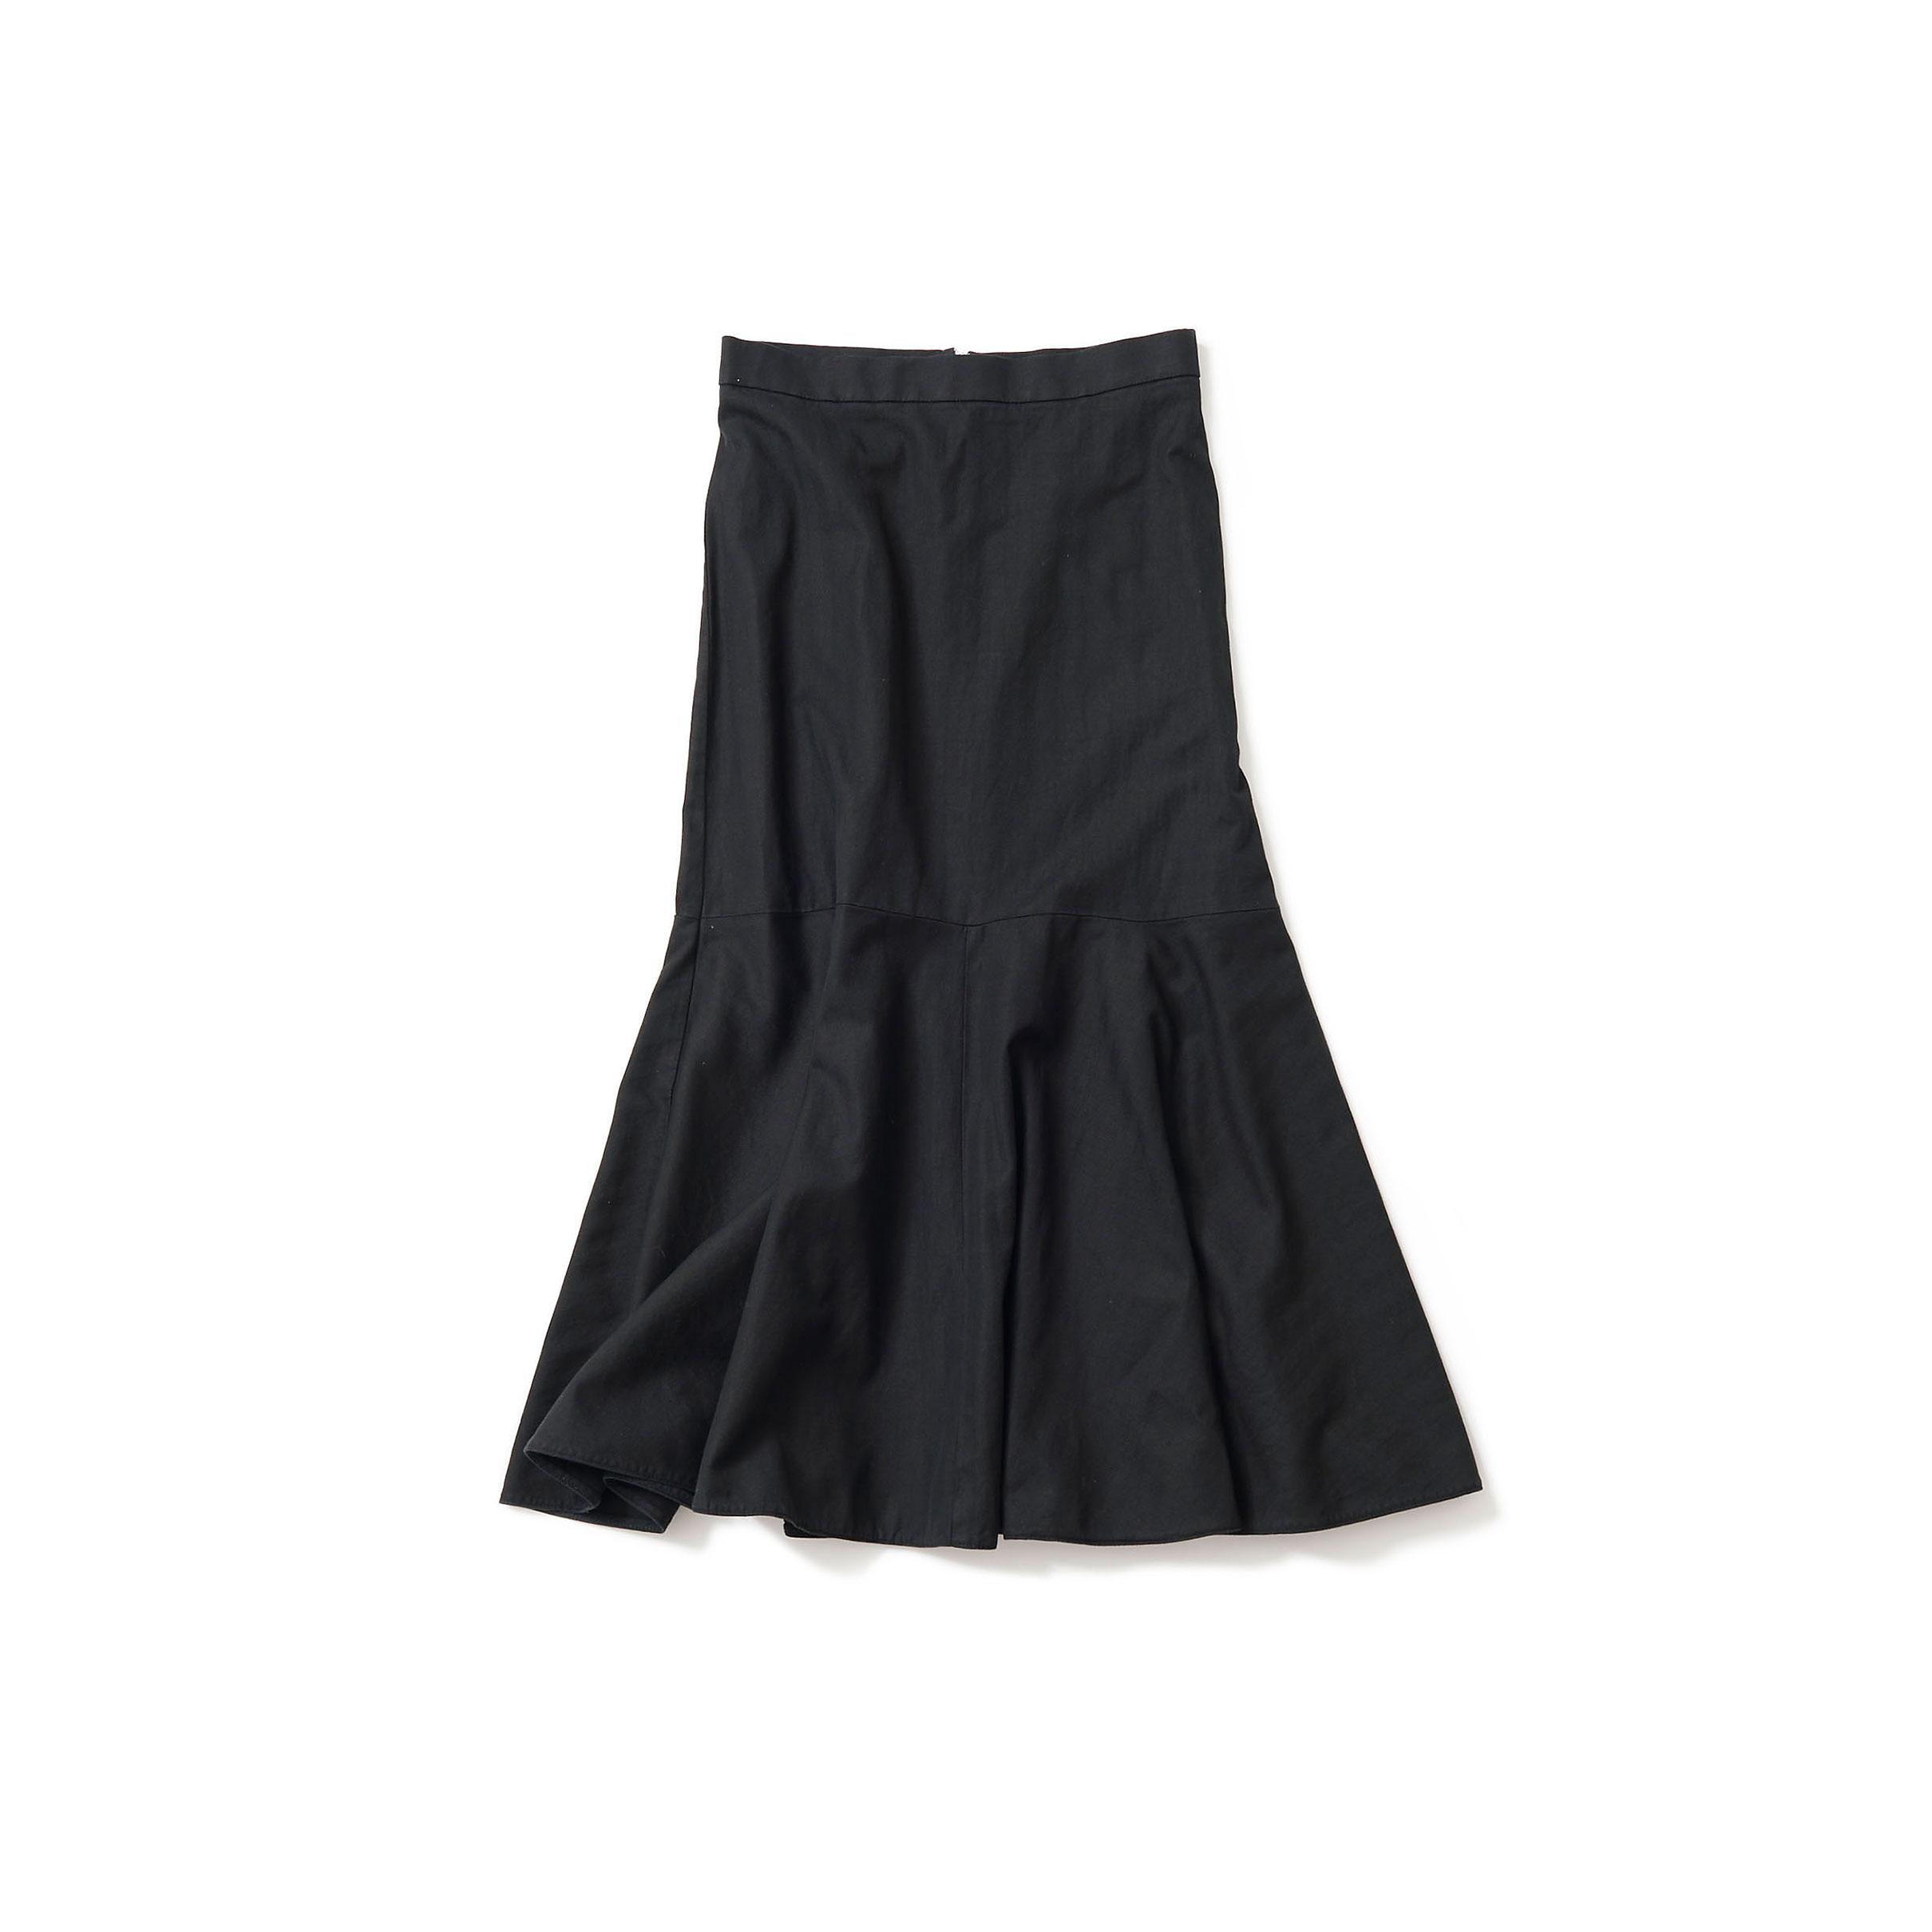 イタリア発・チューリップフレアのスカート